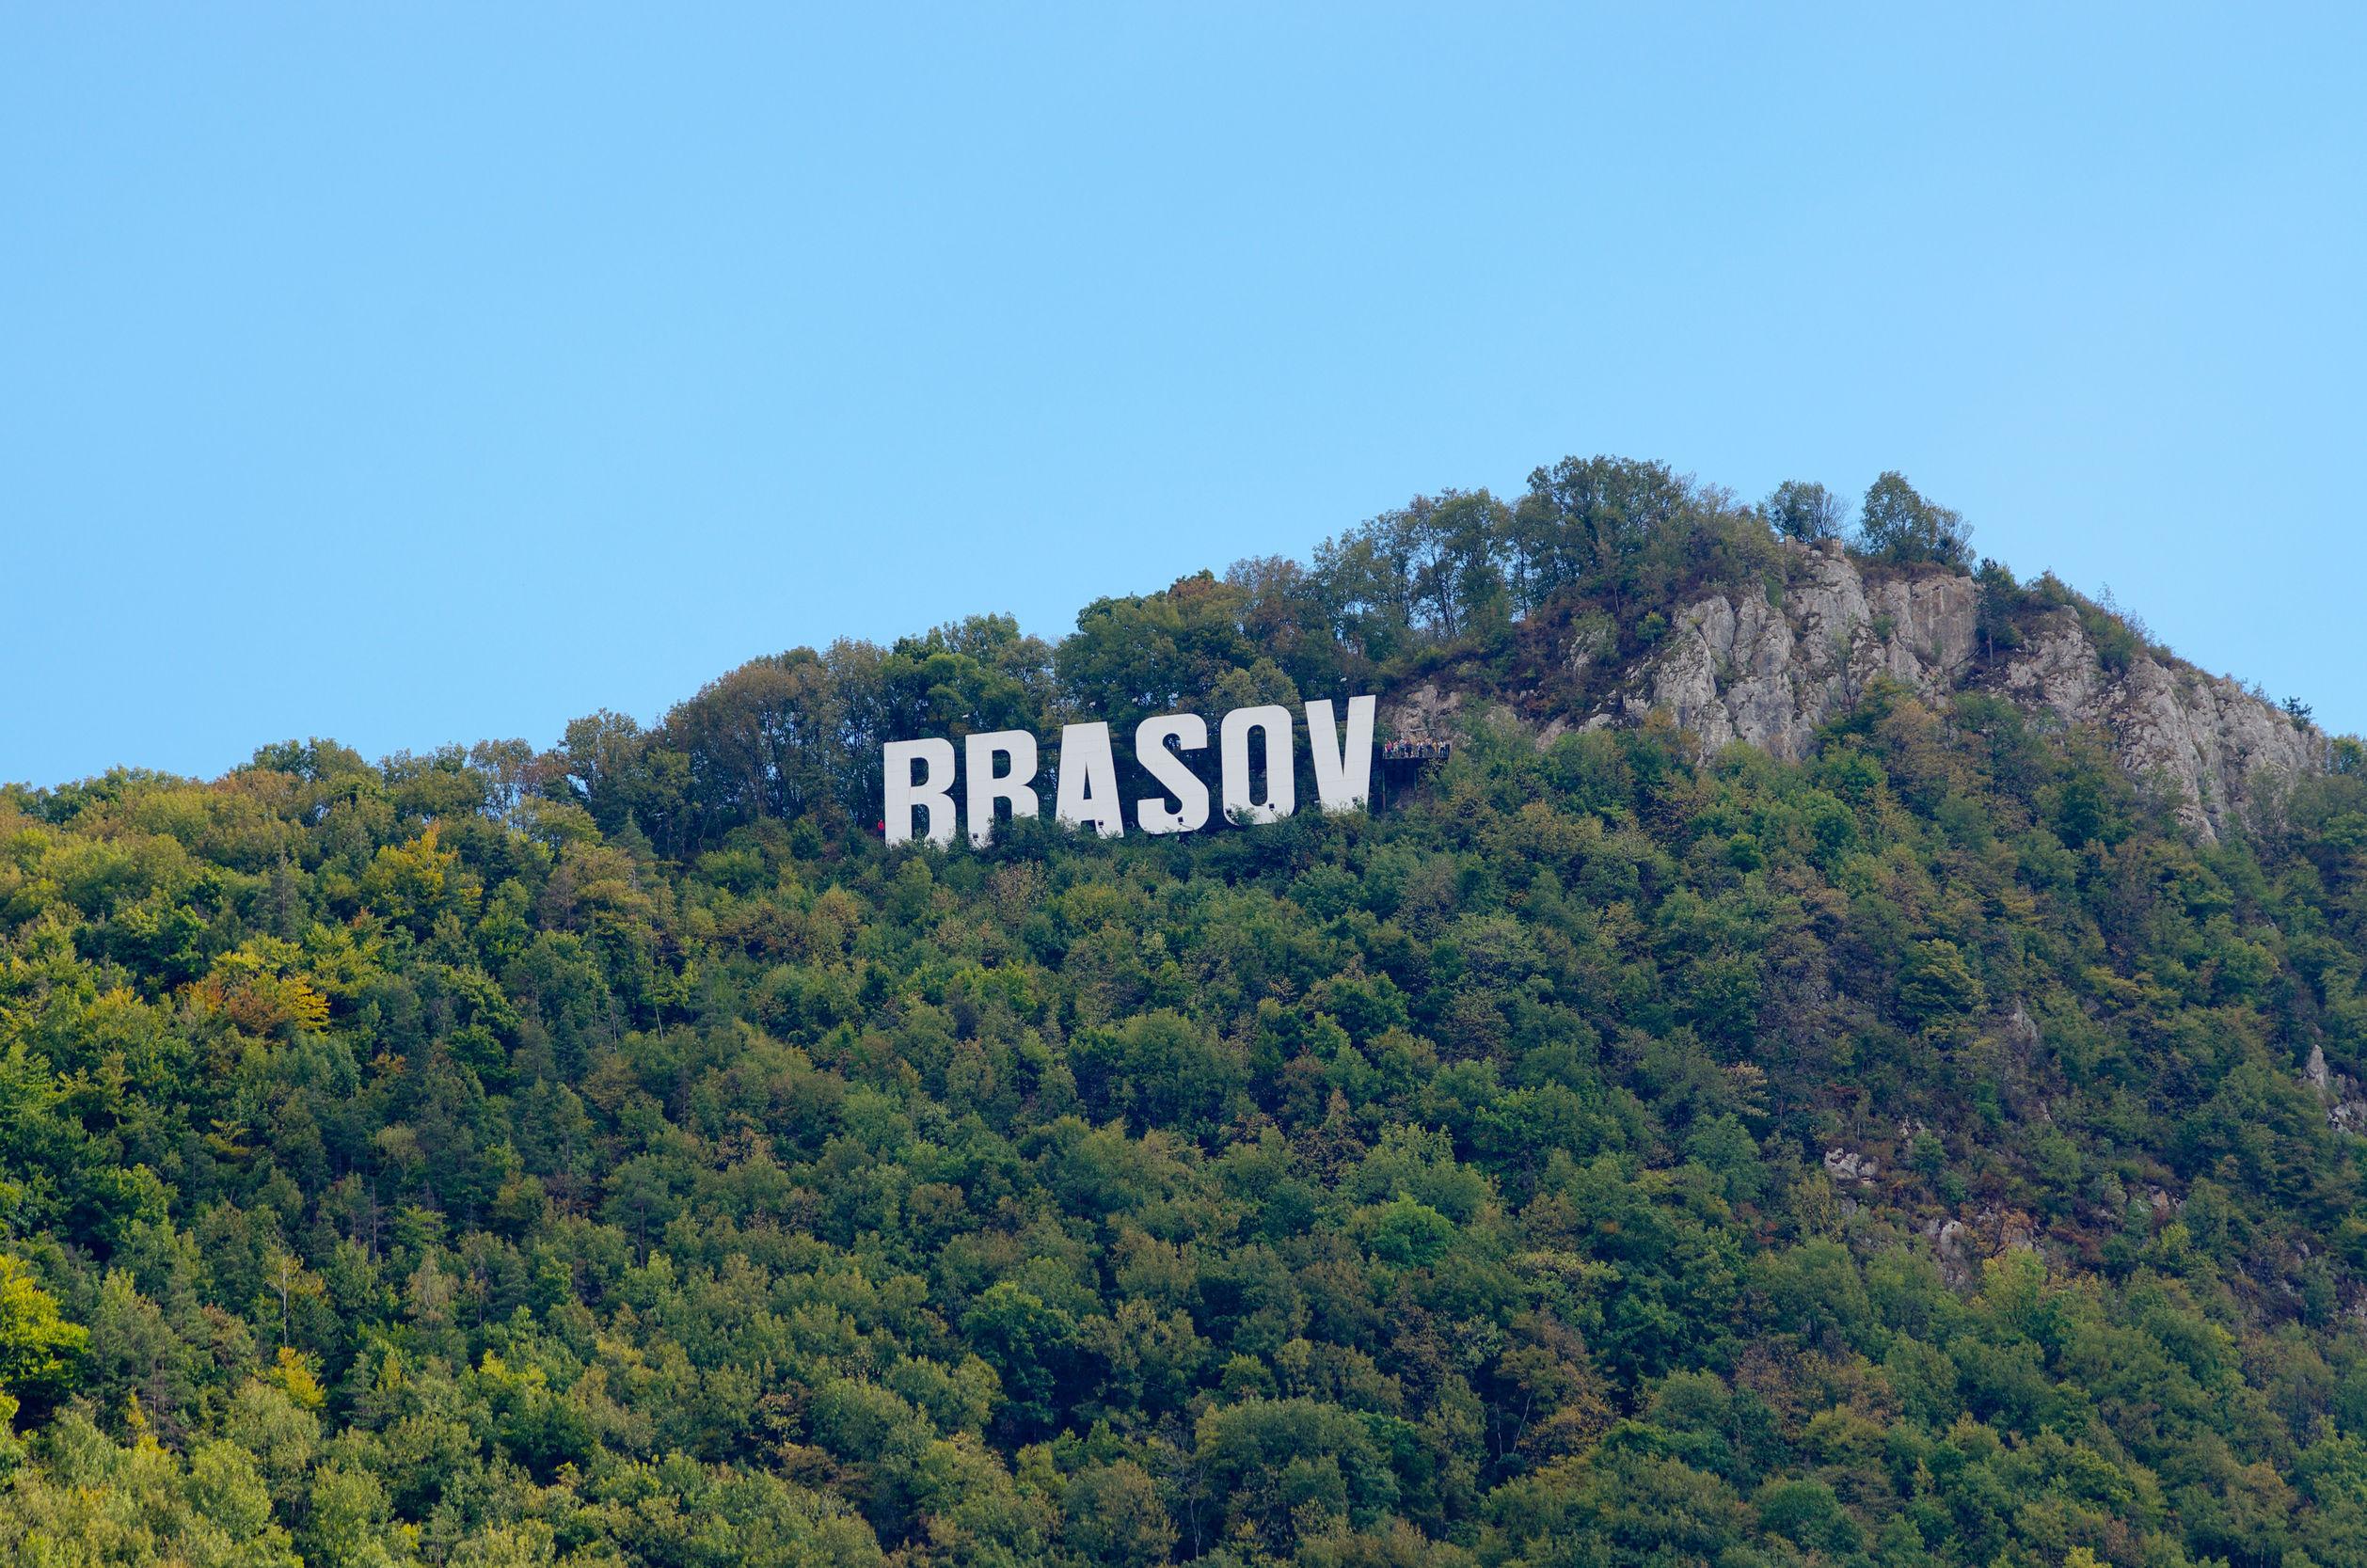 Un nou proiect imobiliar a stârnit revoltă printre locatarii unui cartier din Braşov: Există RISCUL unor alunecări de teren